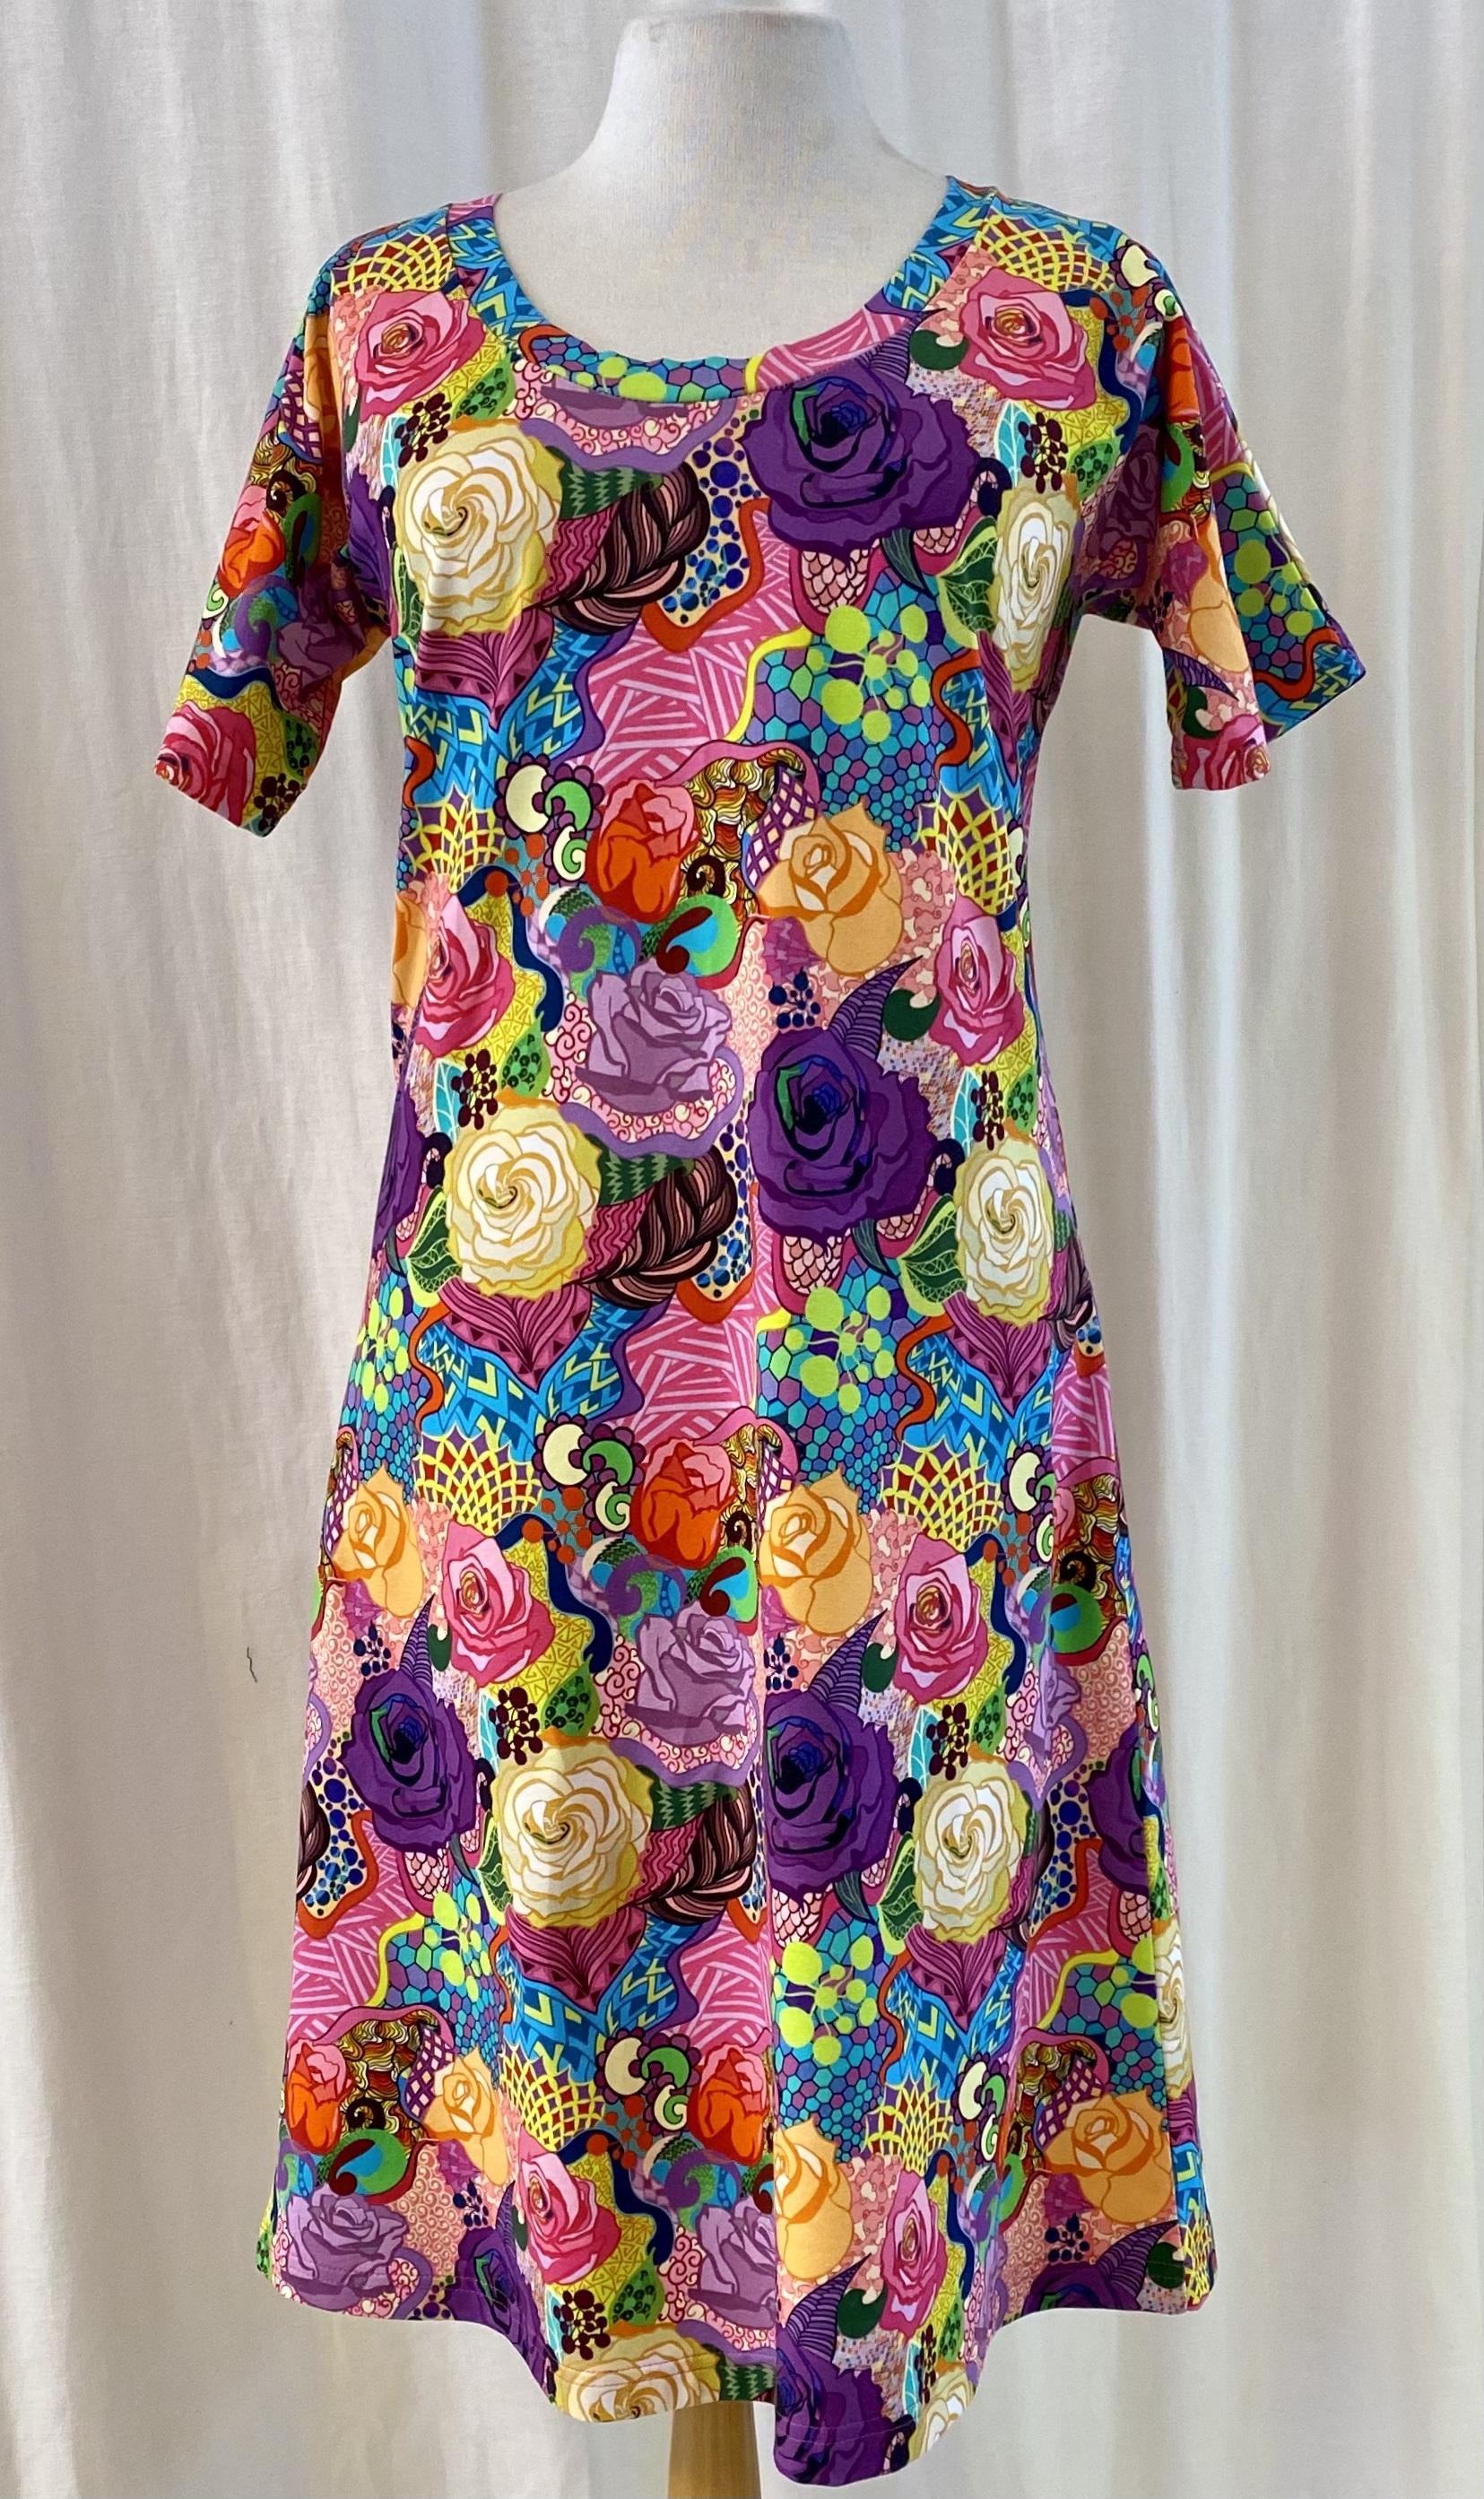 SaraLaholm klänning ros graffiti unik design rosor blommig Dahlia trikåklänning trikå